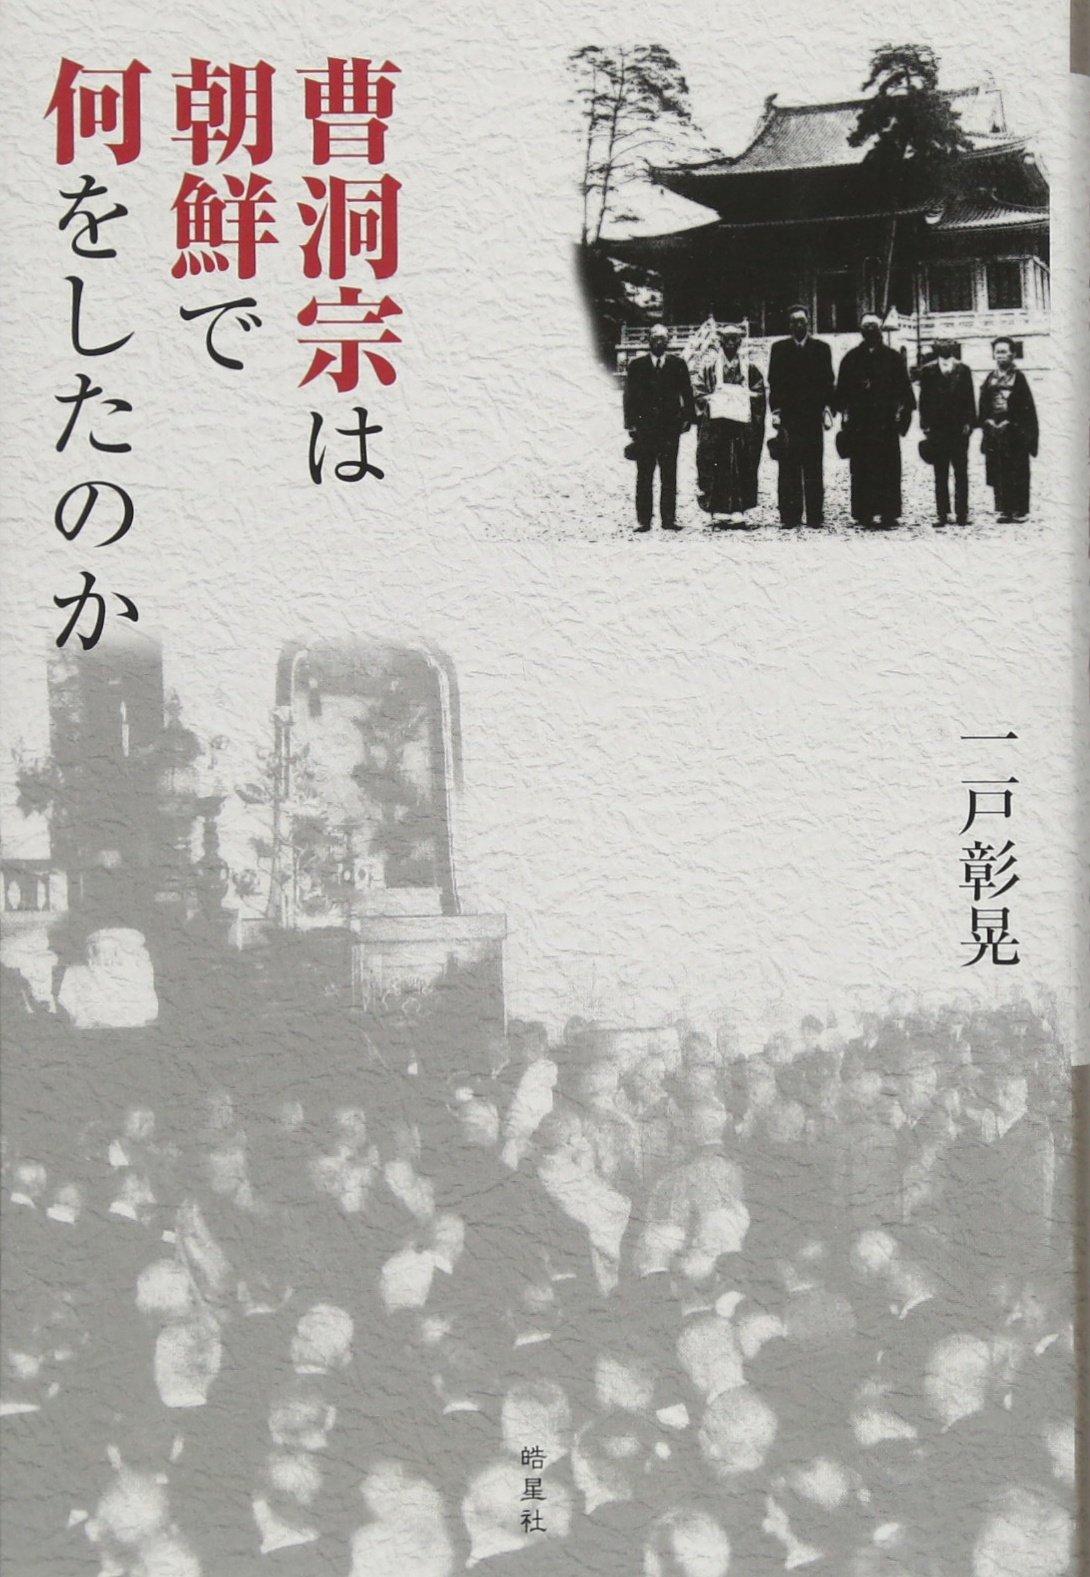 曹洞宗は朝鮮で何をしたのか | 一戸 彰晃 |本 | 通販 | Amazon